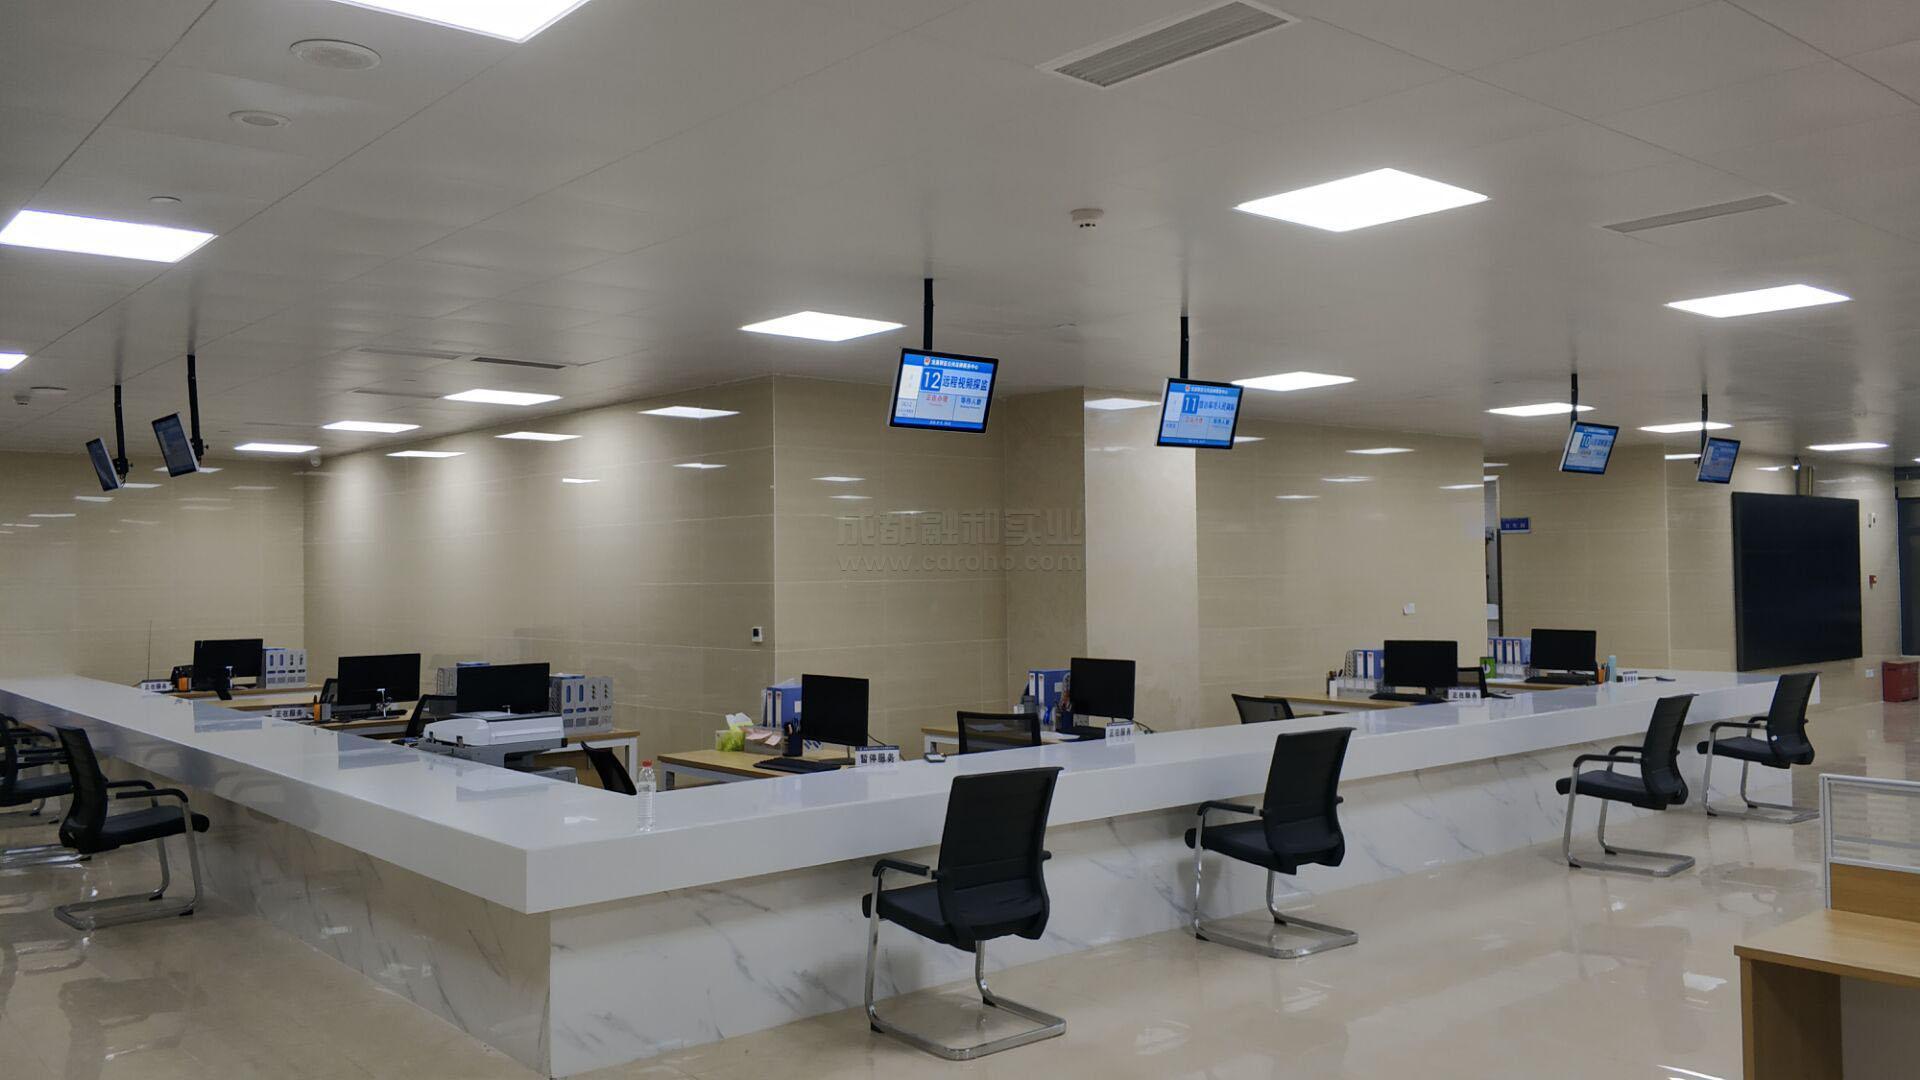 智慧党群服务中心排队系统之服务台吊住显示